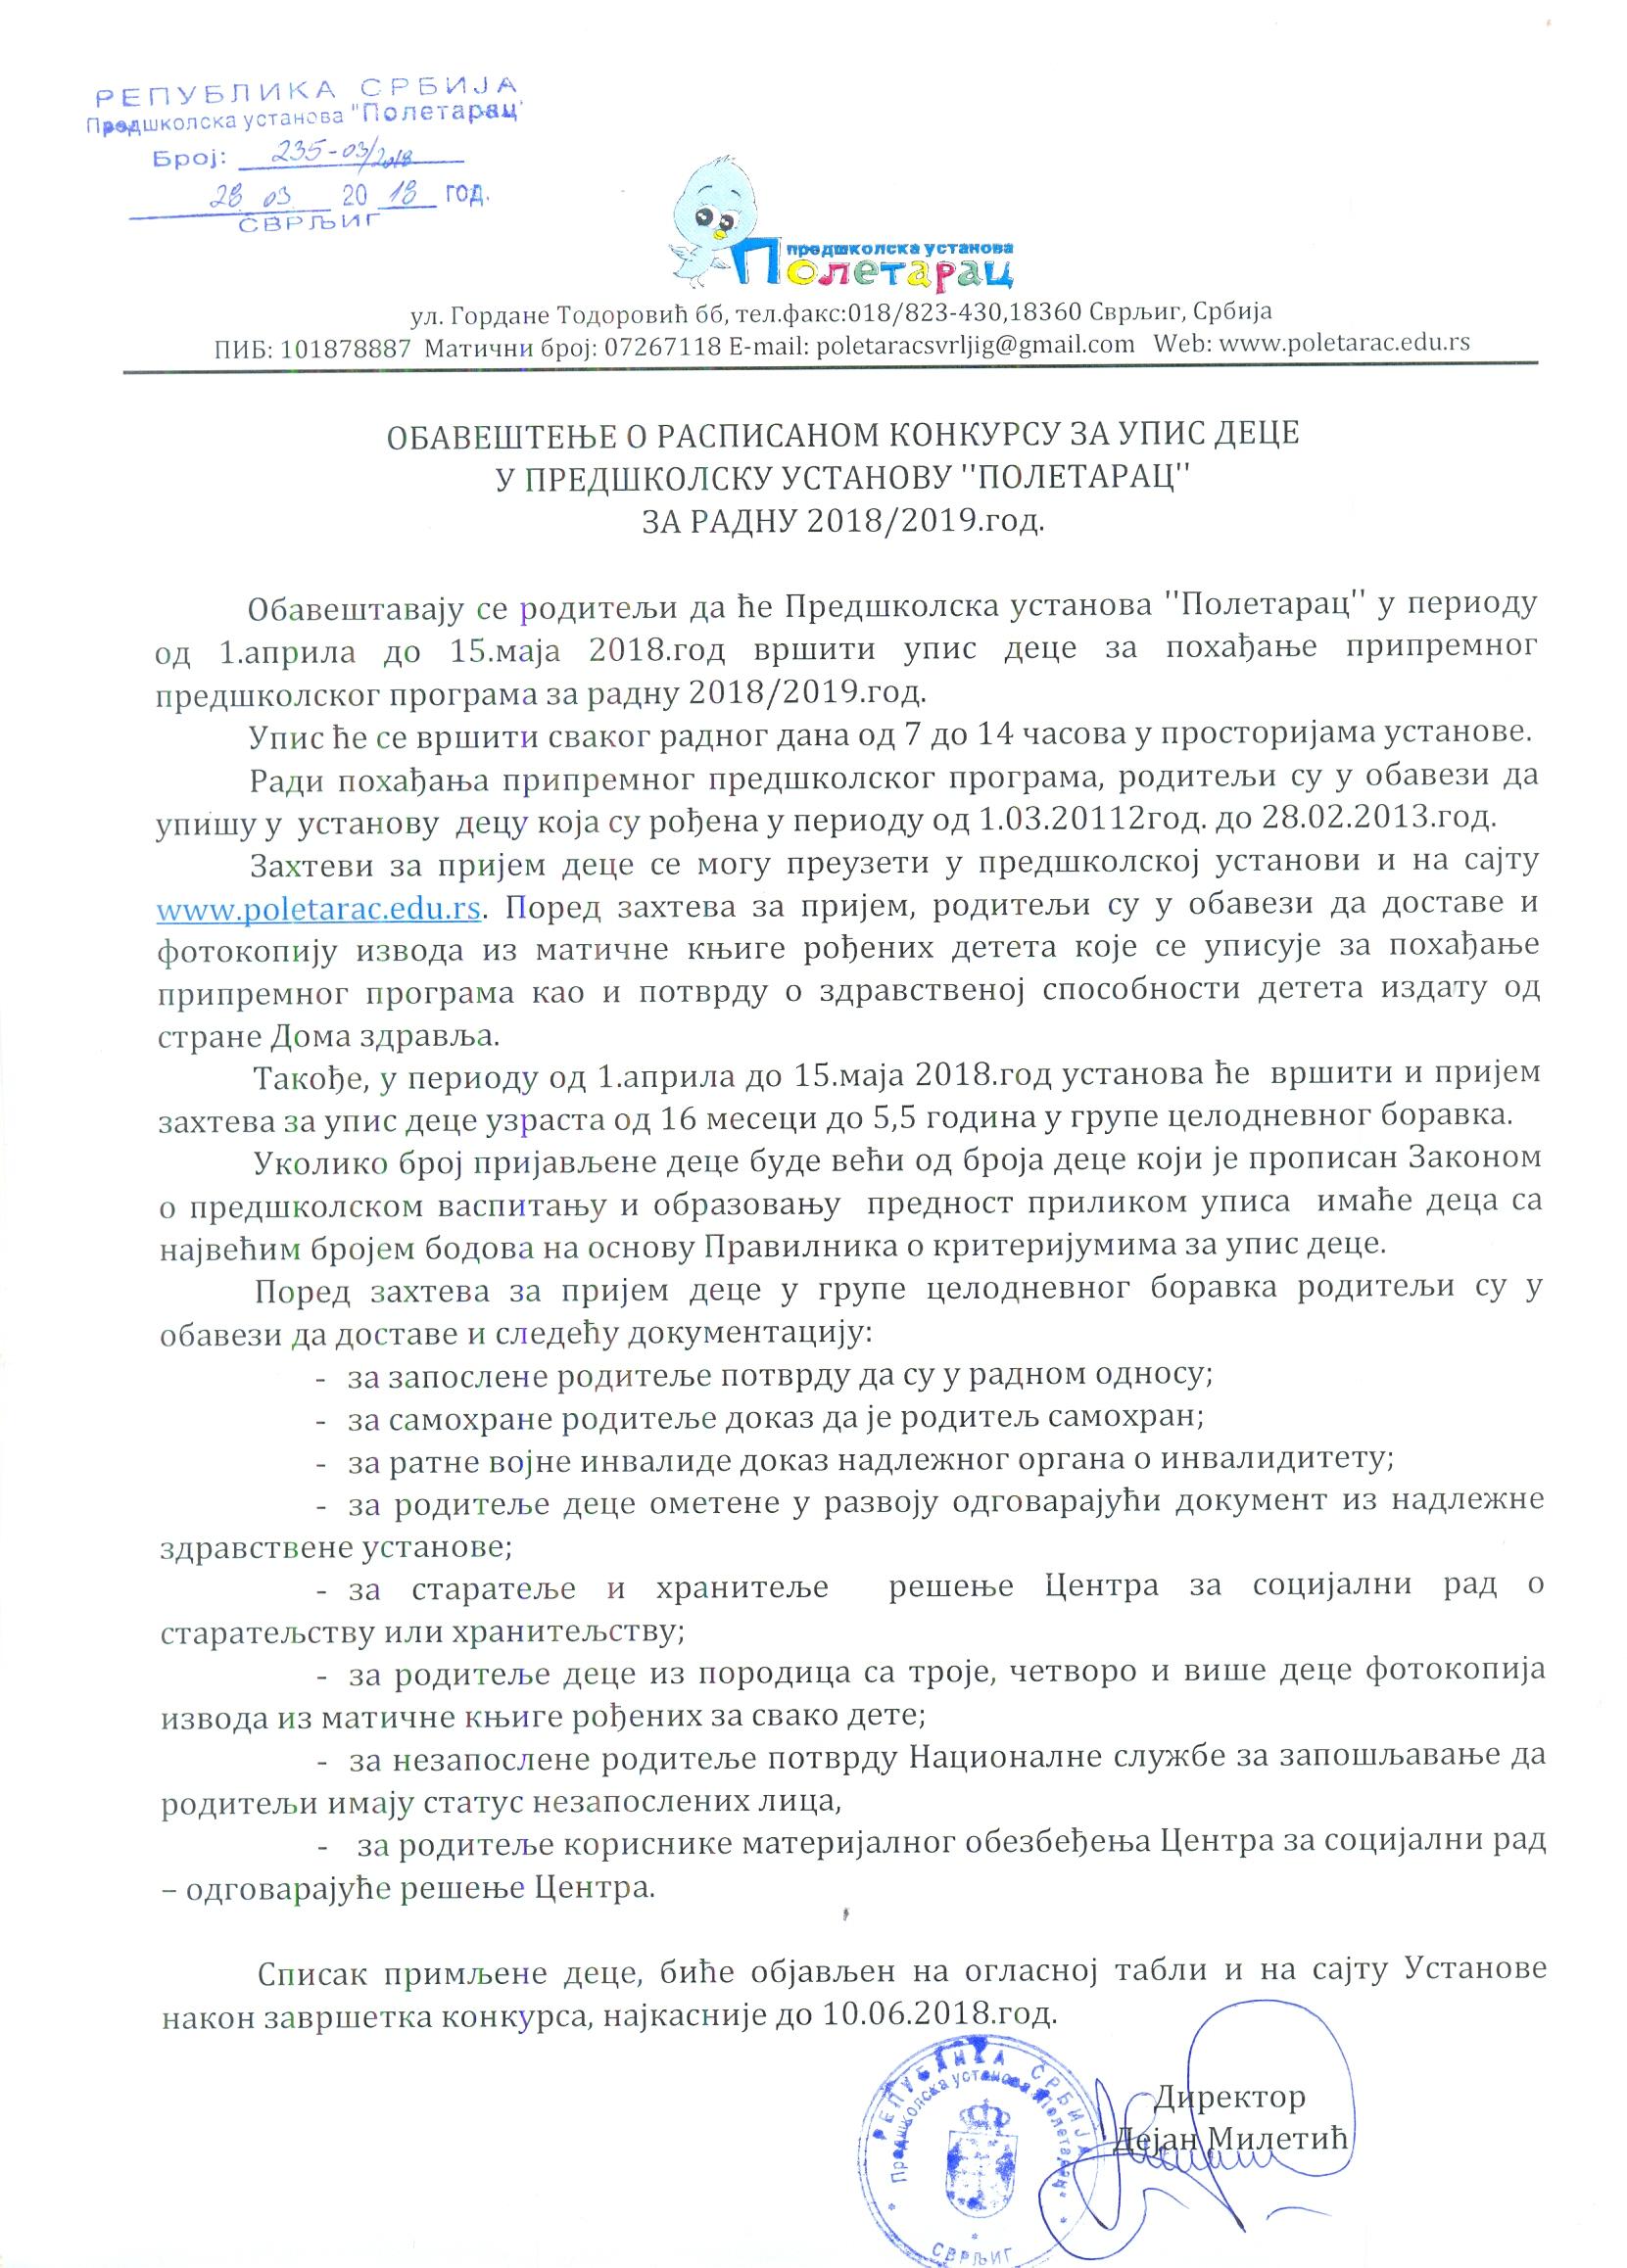 Raspisan konkurs za upis dece u Predškolsku ustanovu ''Poletarac'' 1